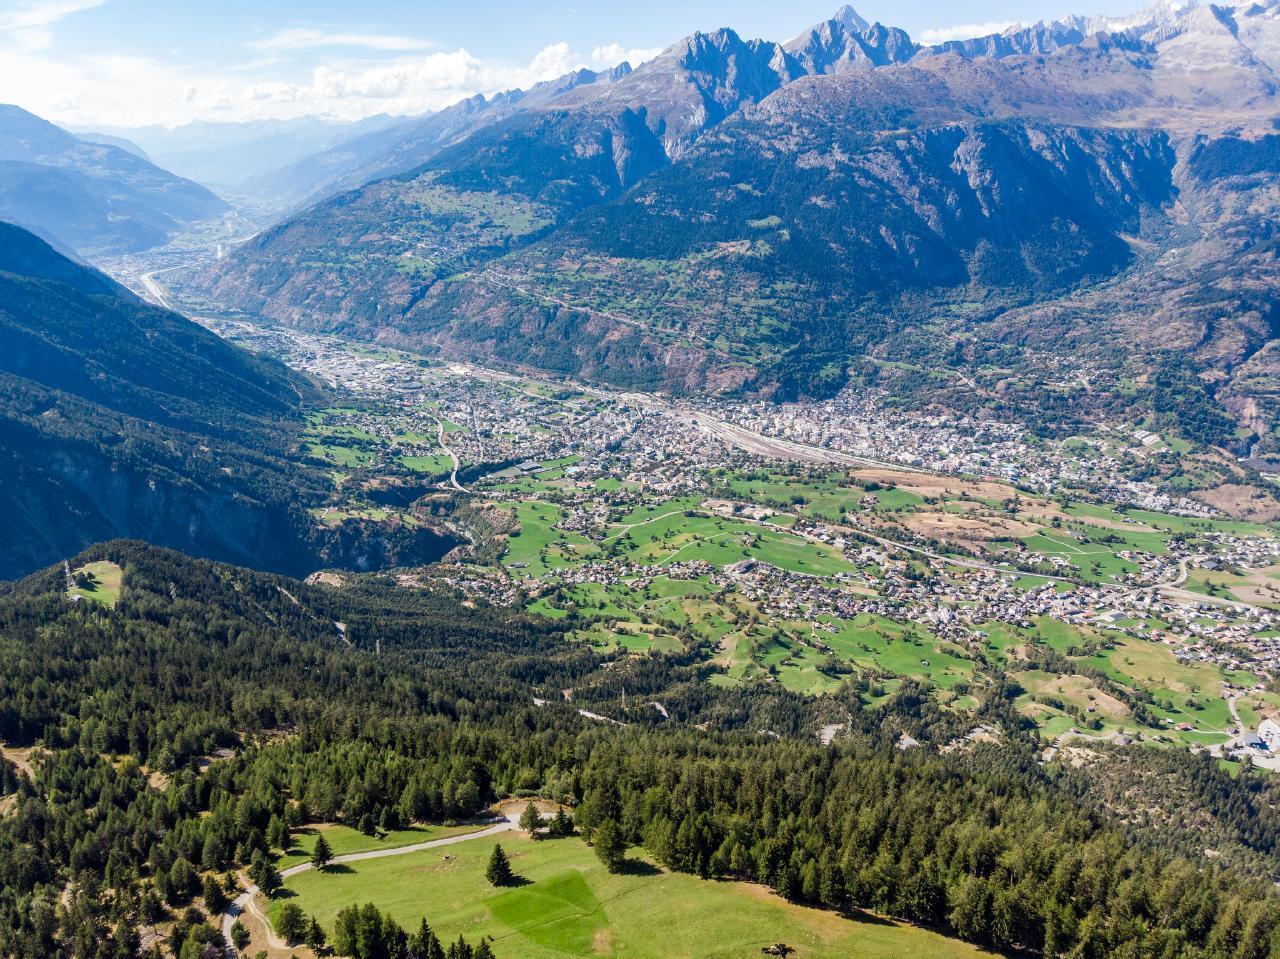 Ferienwohnung Chalet Bergfink | Ferienwohnung in den Walliser Bergen auf Rosswald (2311758), Rosswald, Brig - Simplon, Wallis, Schweiz, Bild 16